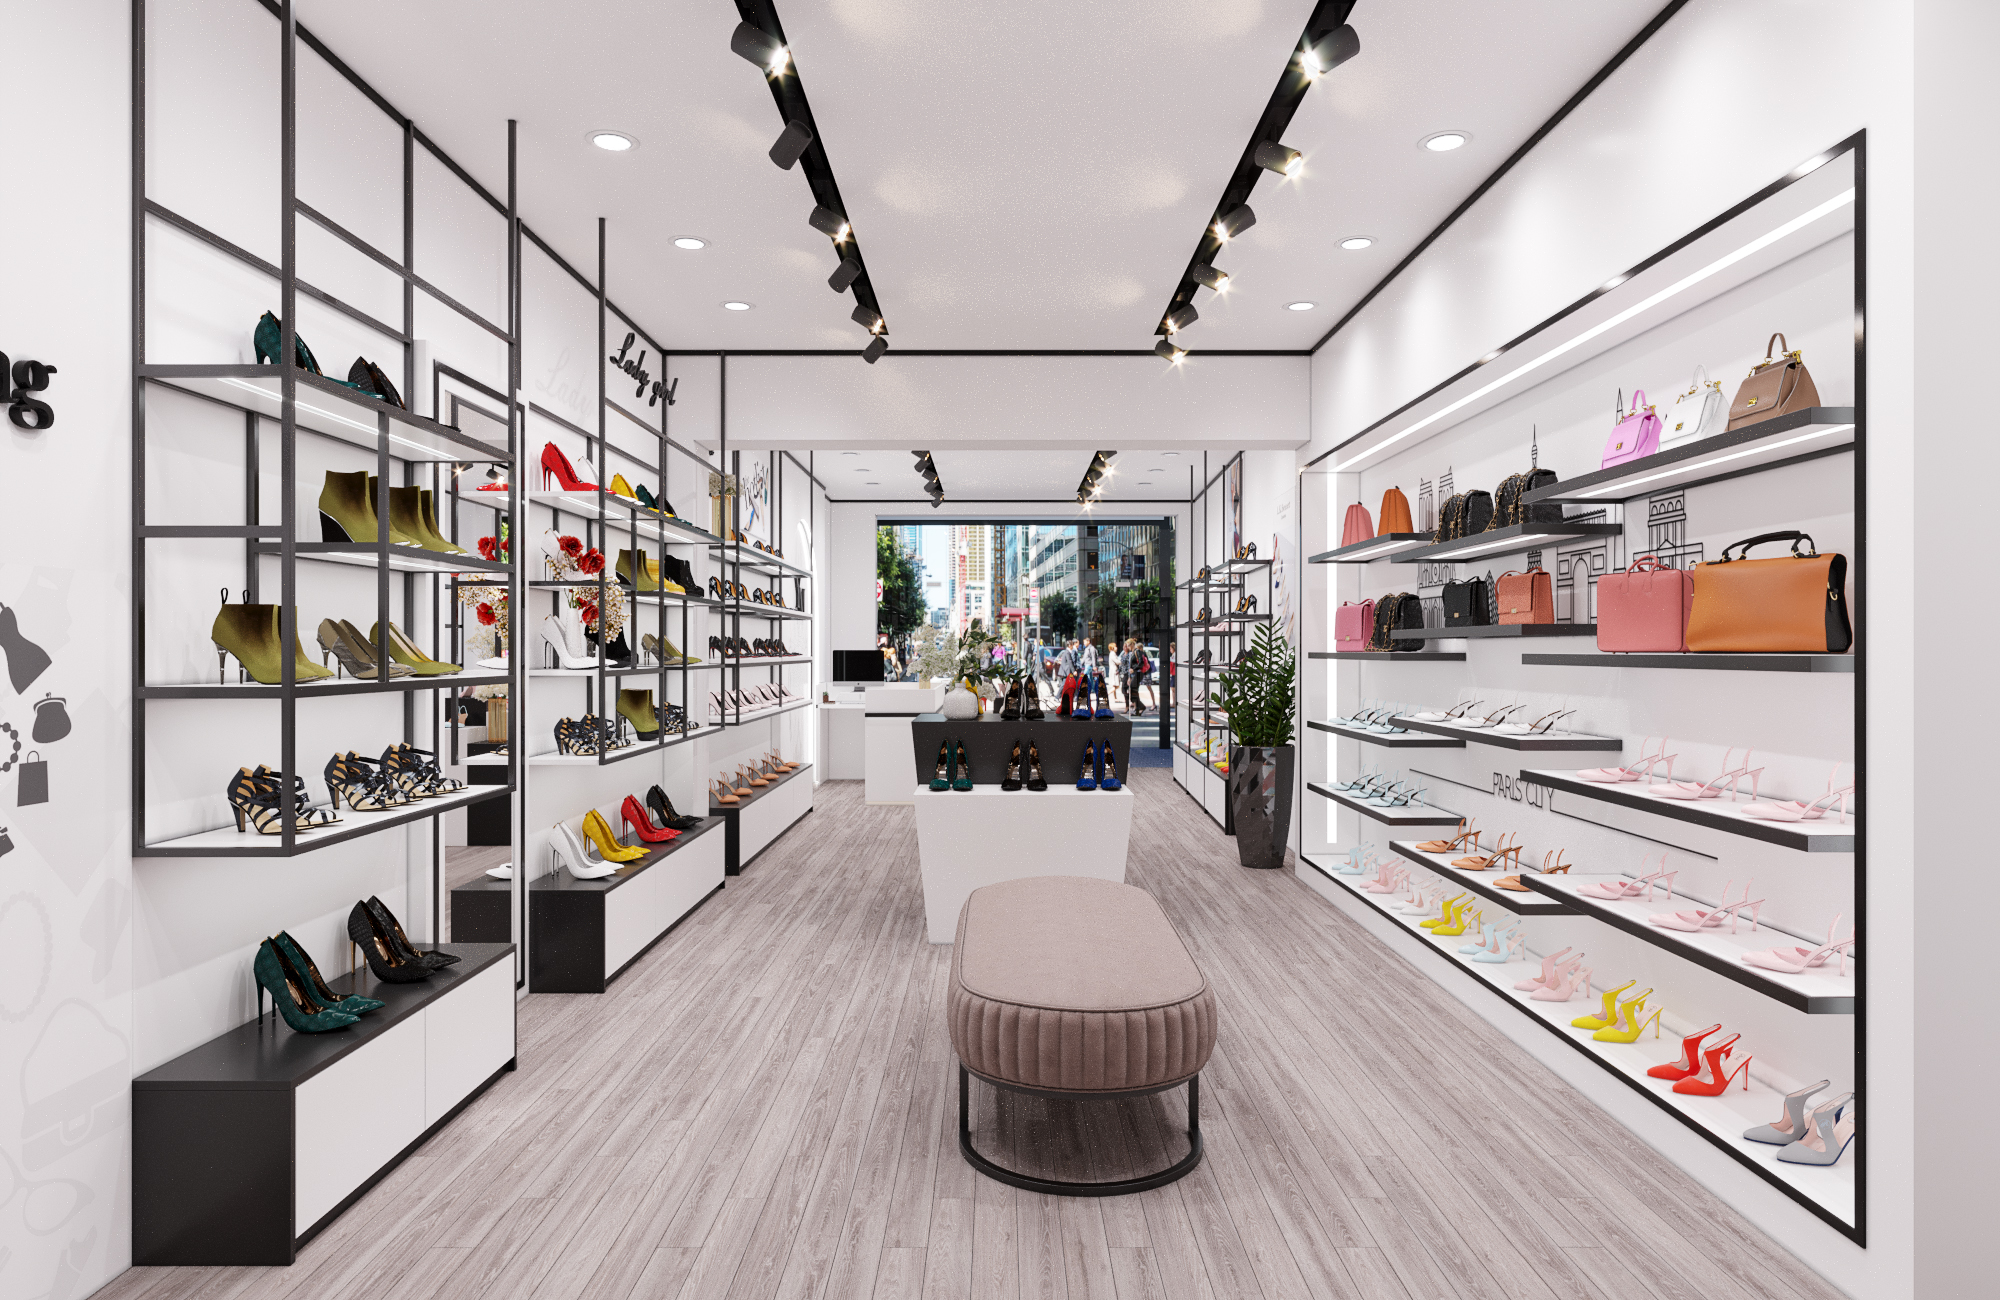 Thiết kế Shop Giày - Túi xách tại Hải Phòng